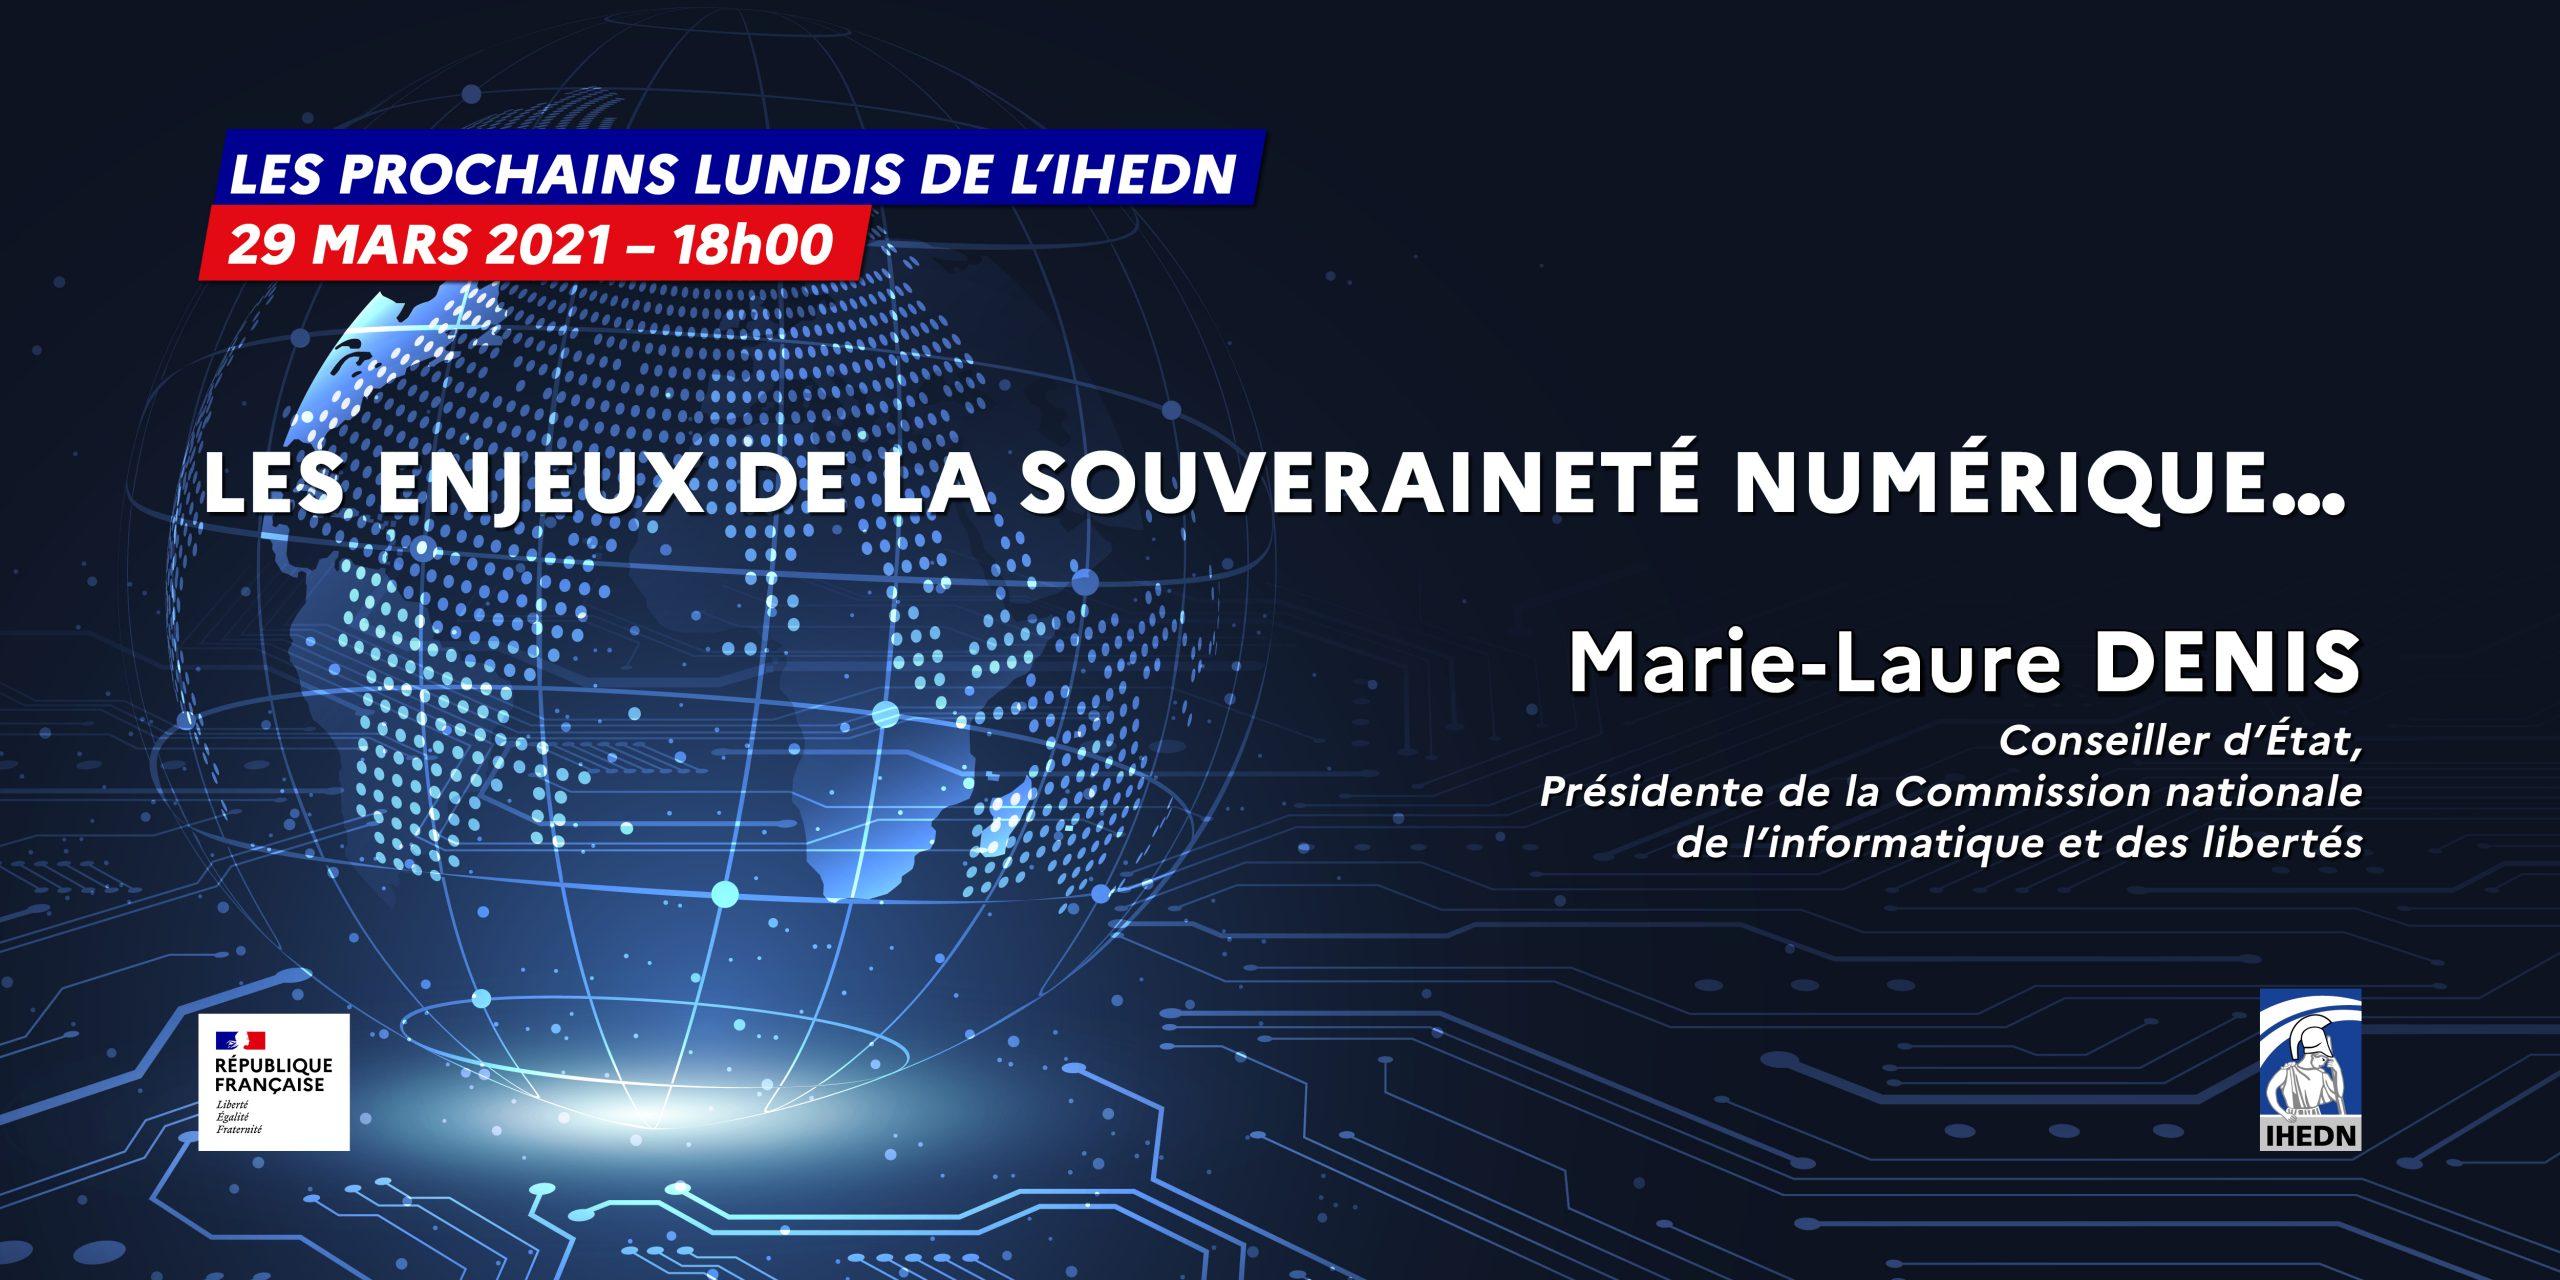 LUNDIS de IHEDN-Les enjeux de la souveraineté numérique-Marie-Laure-DENIS-20210329-01